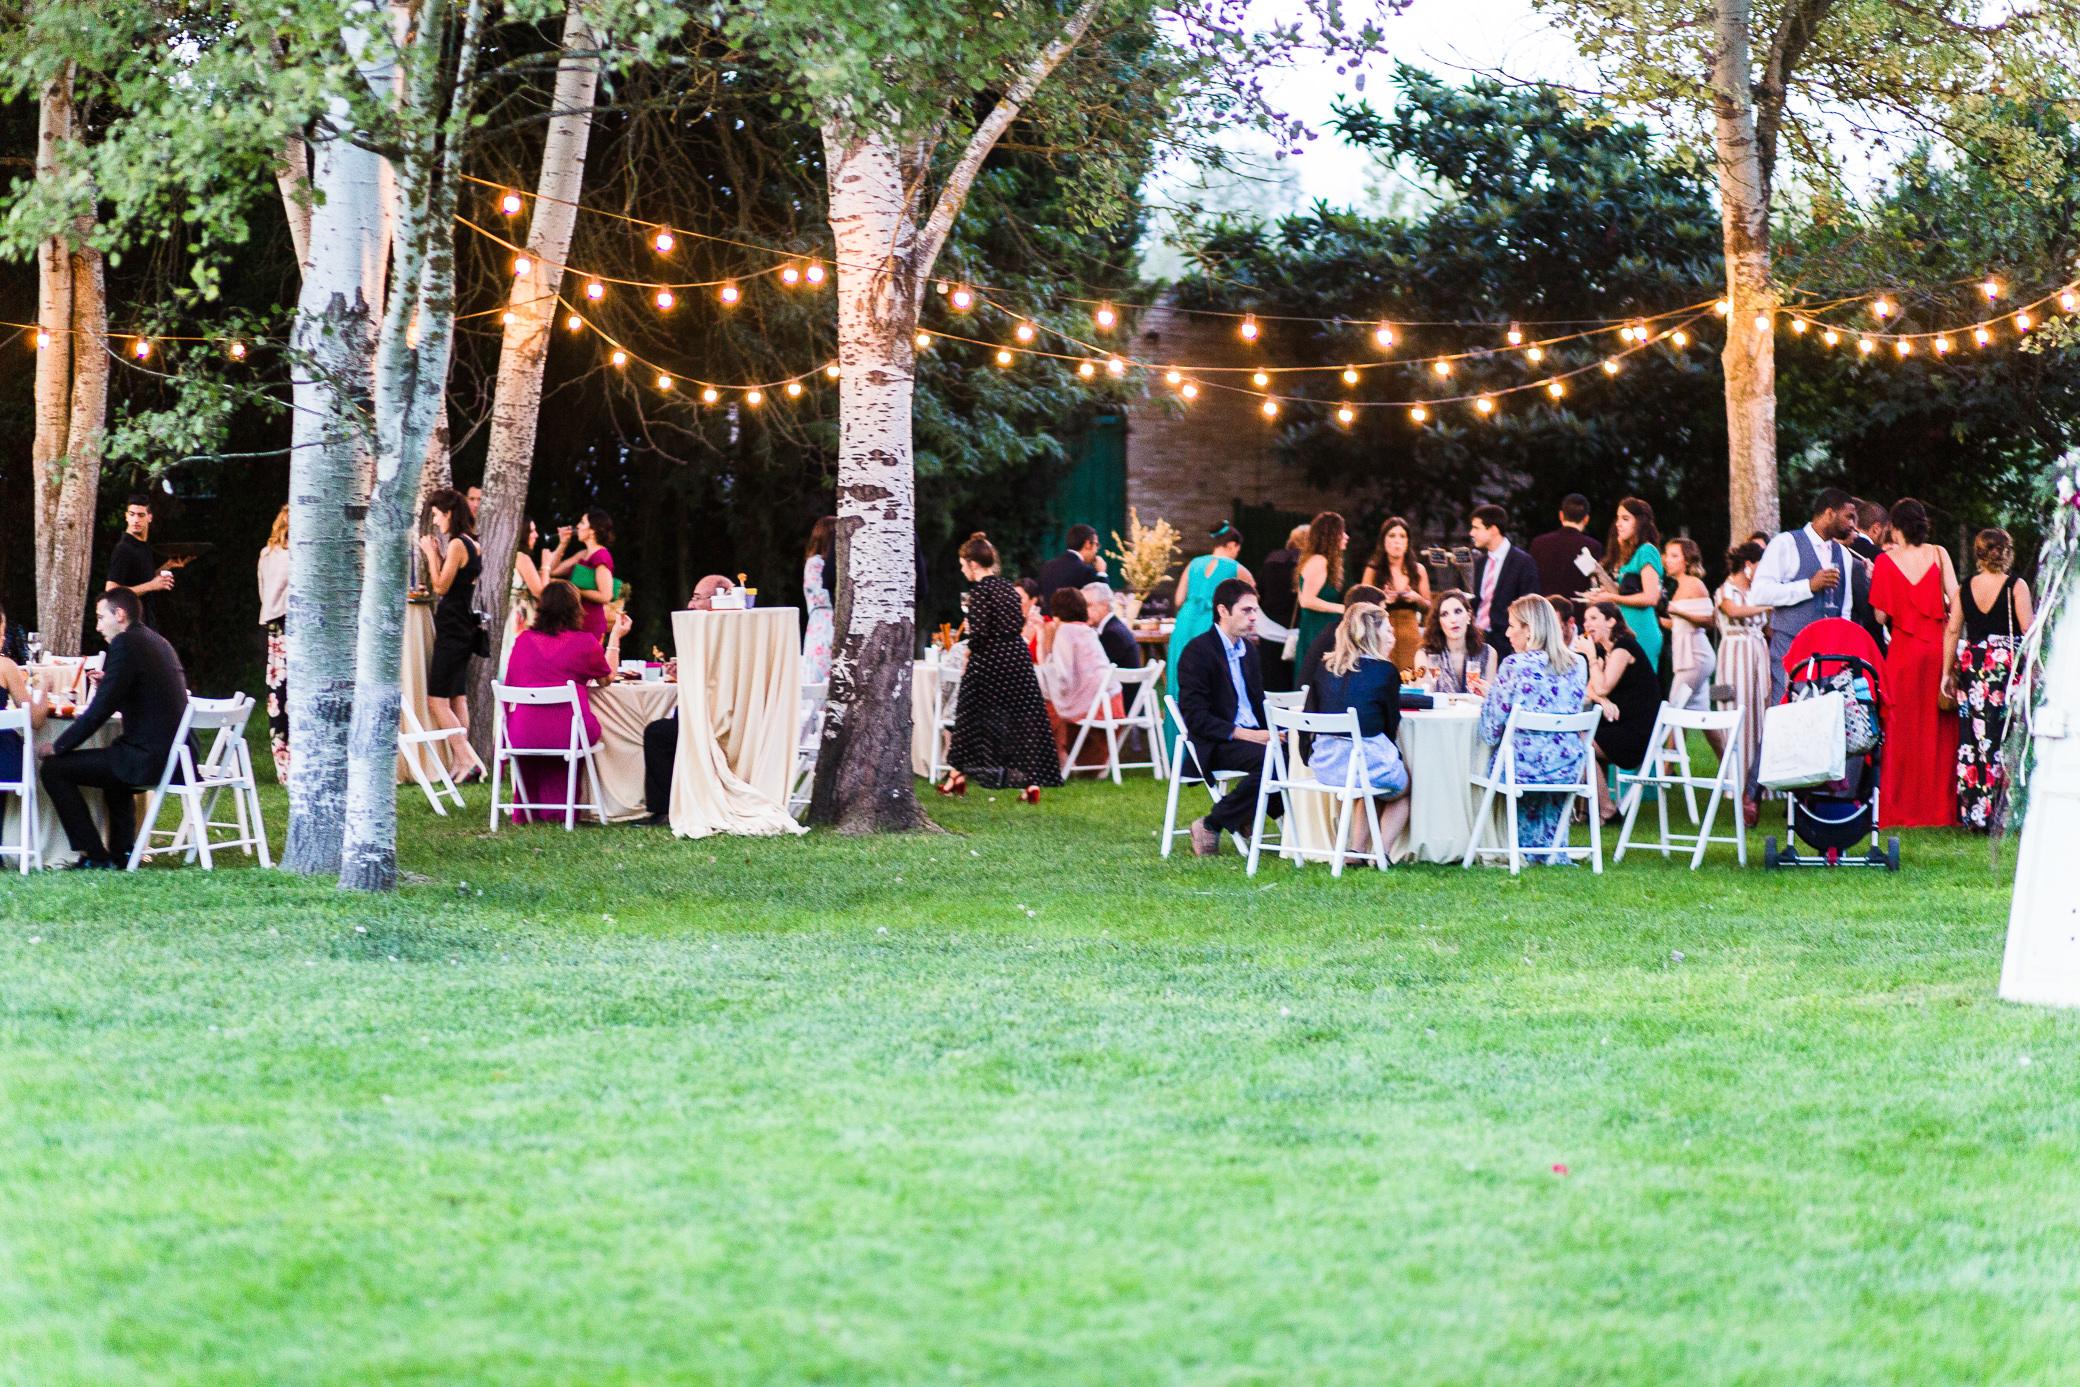 boda-espai-gastronomia-can-macia-photografeel-43.jpg